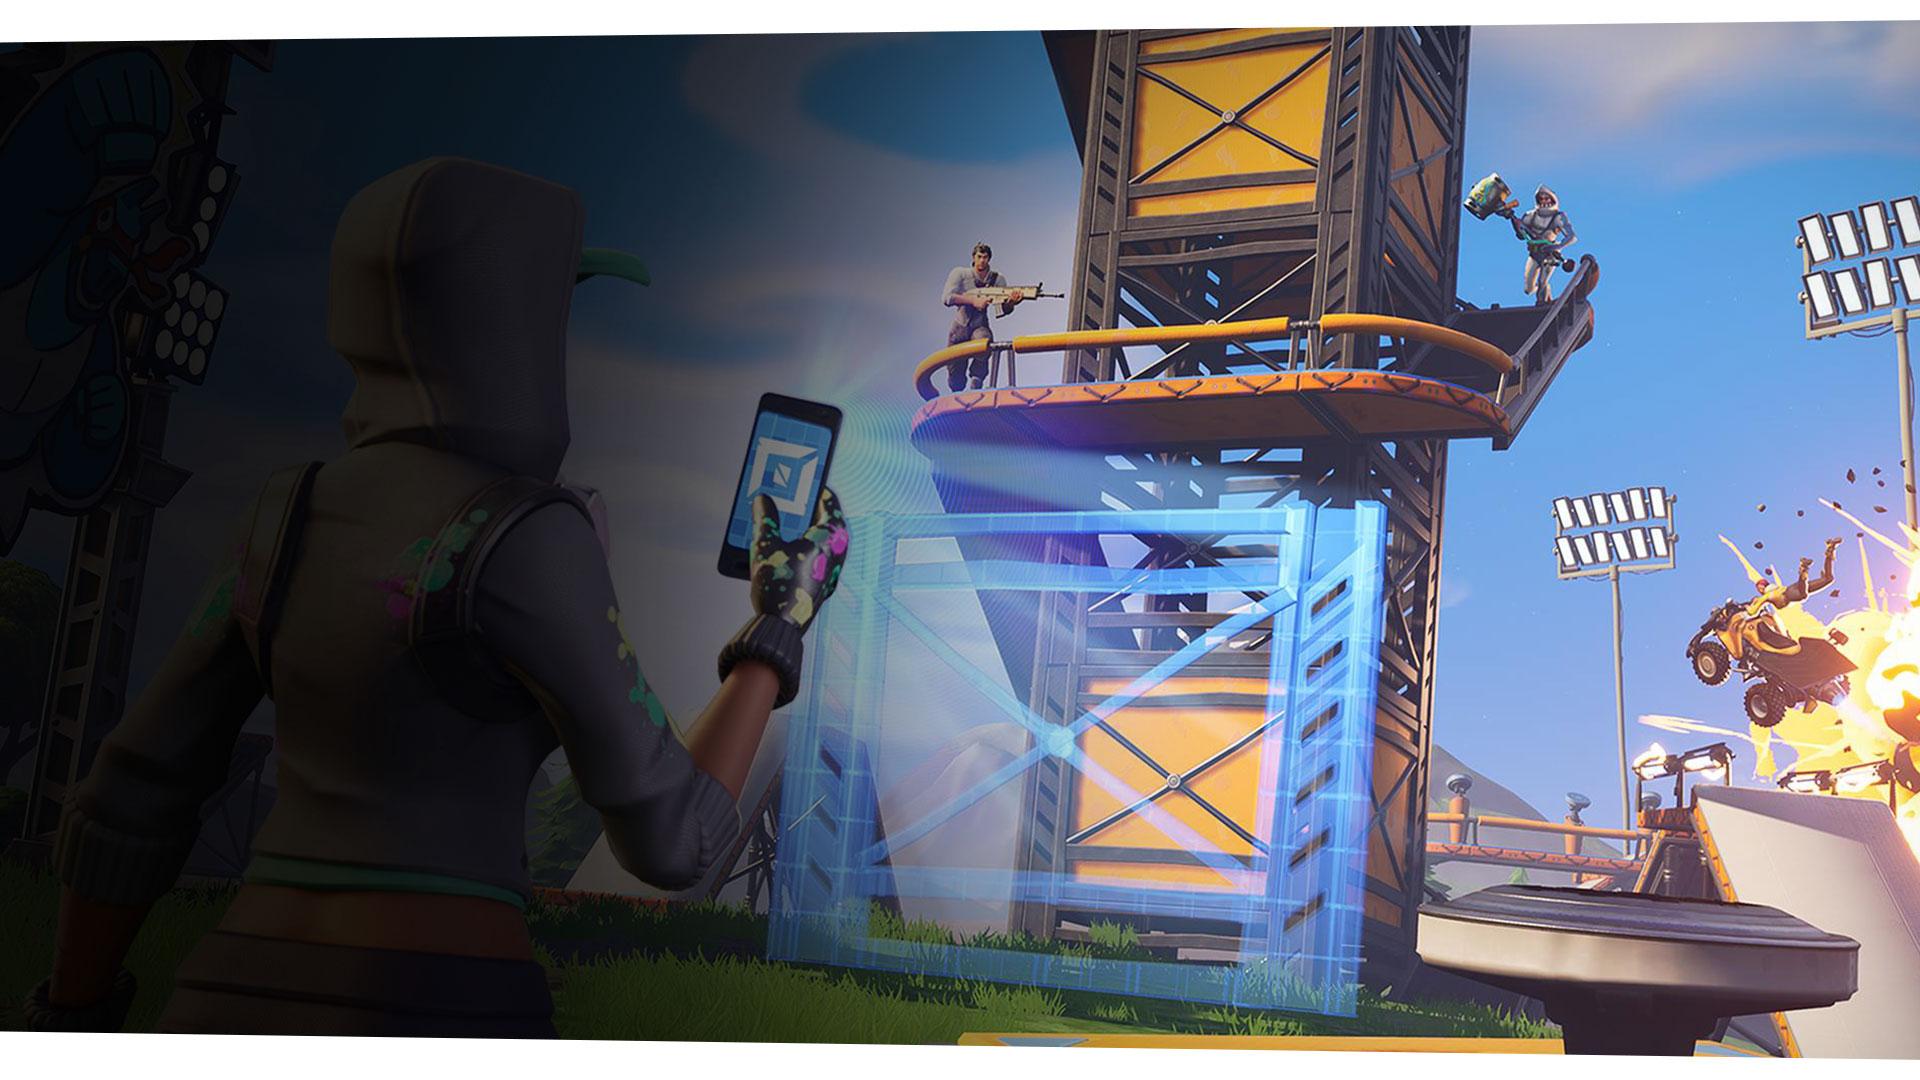 Personnage Fortnite utilisant son appareil mobile pour créer un échafaudage